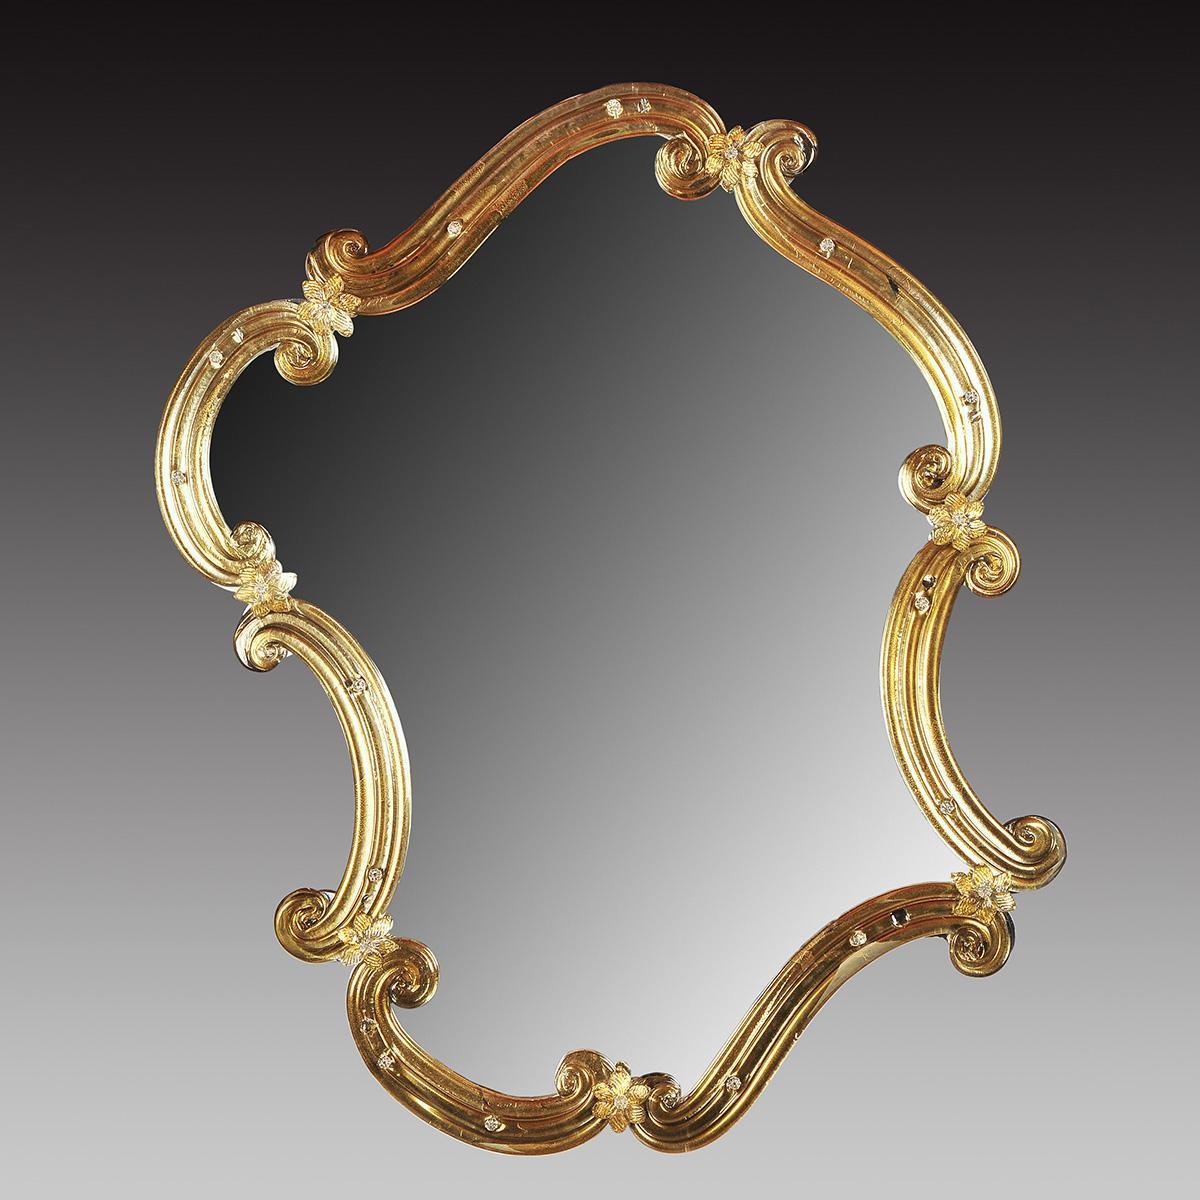 """""""Rosmunda oro"""" Murano glass venetian mirror - gold"""